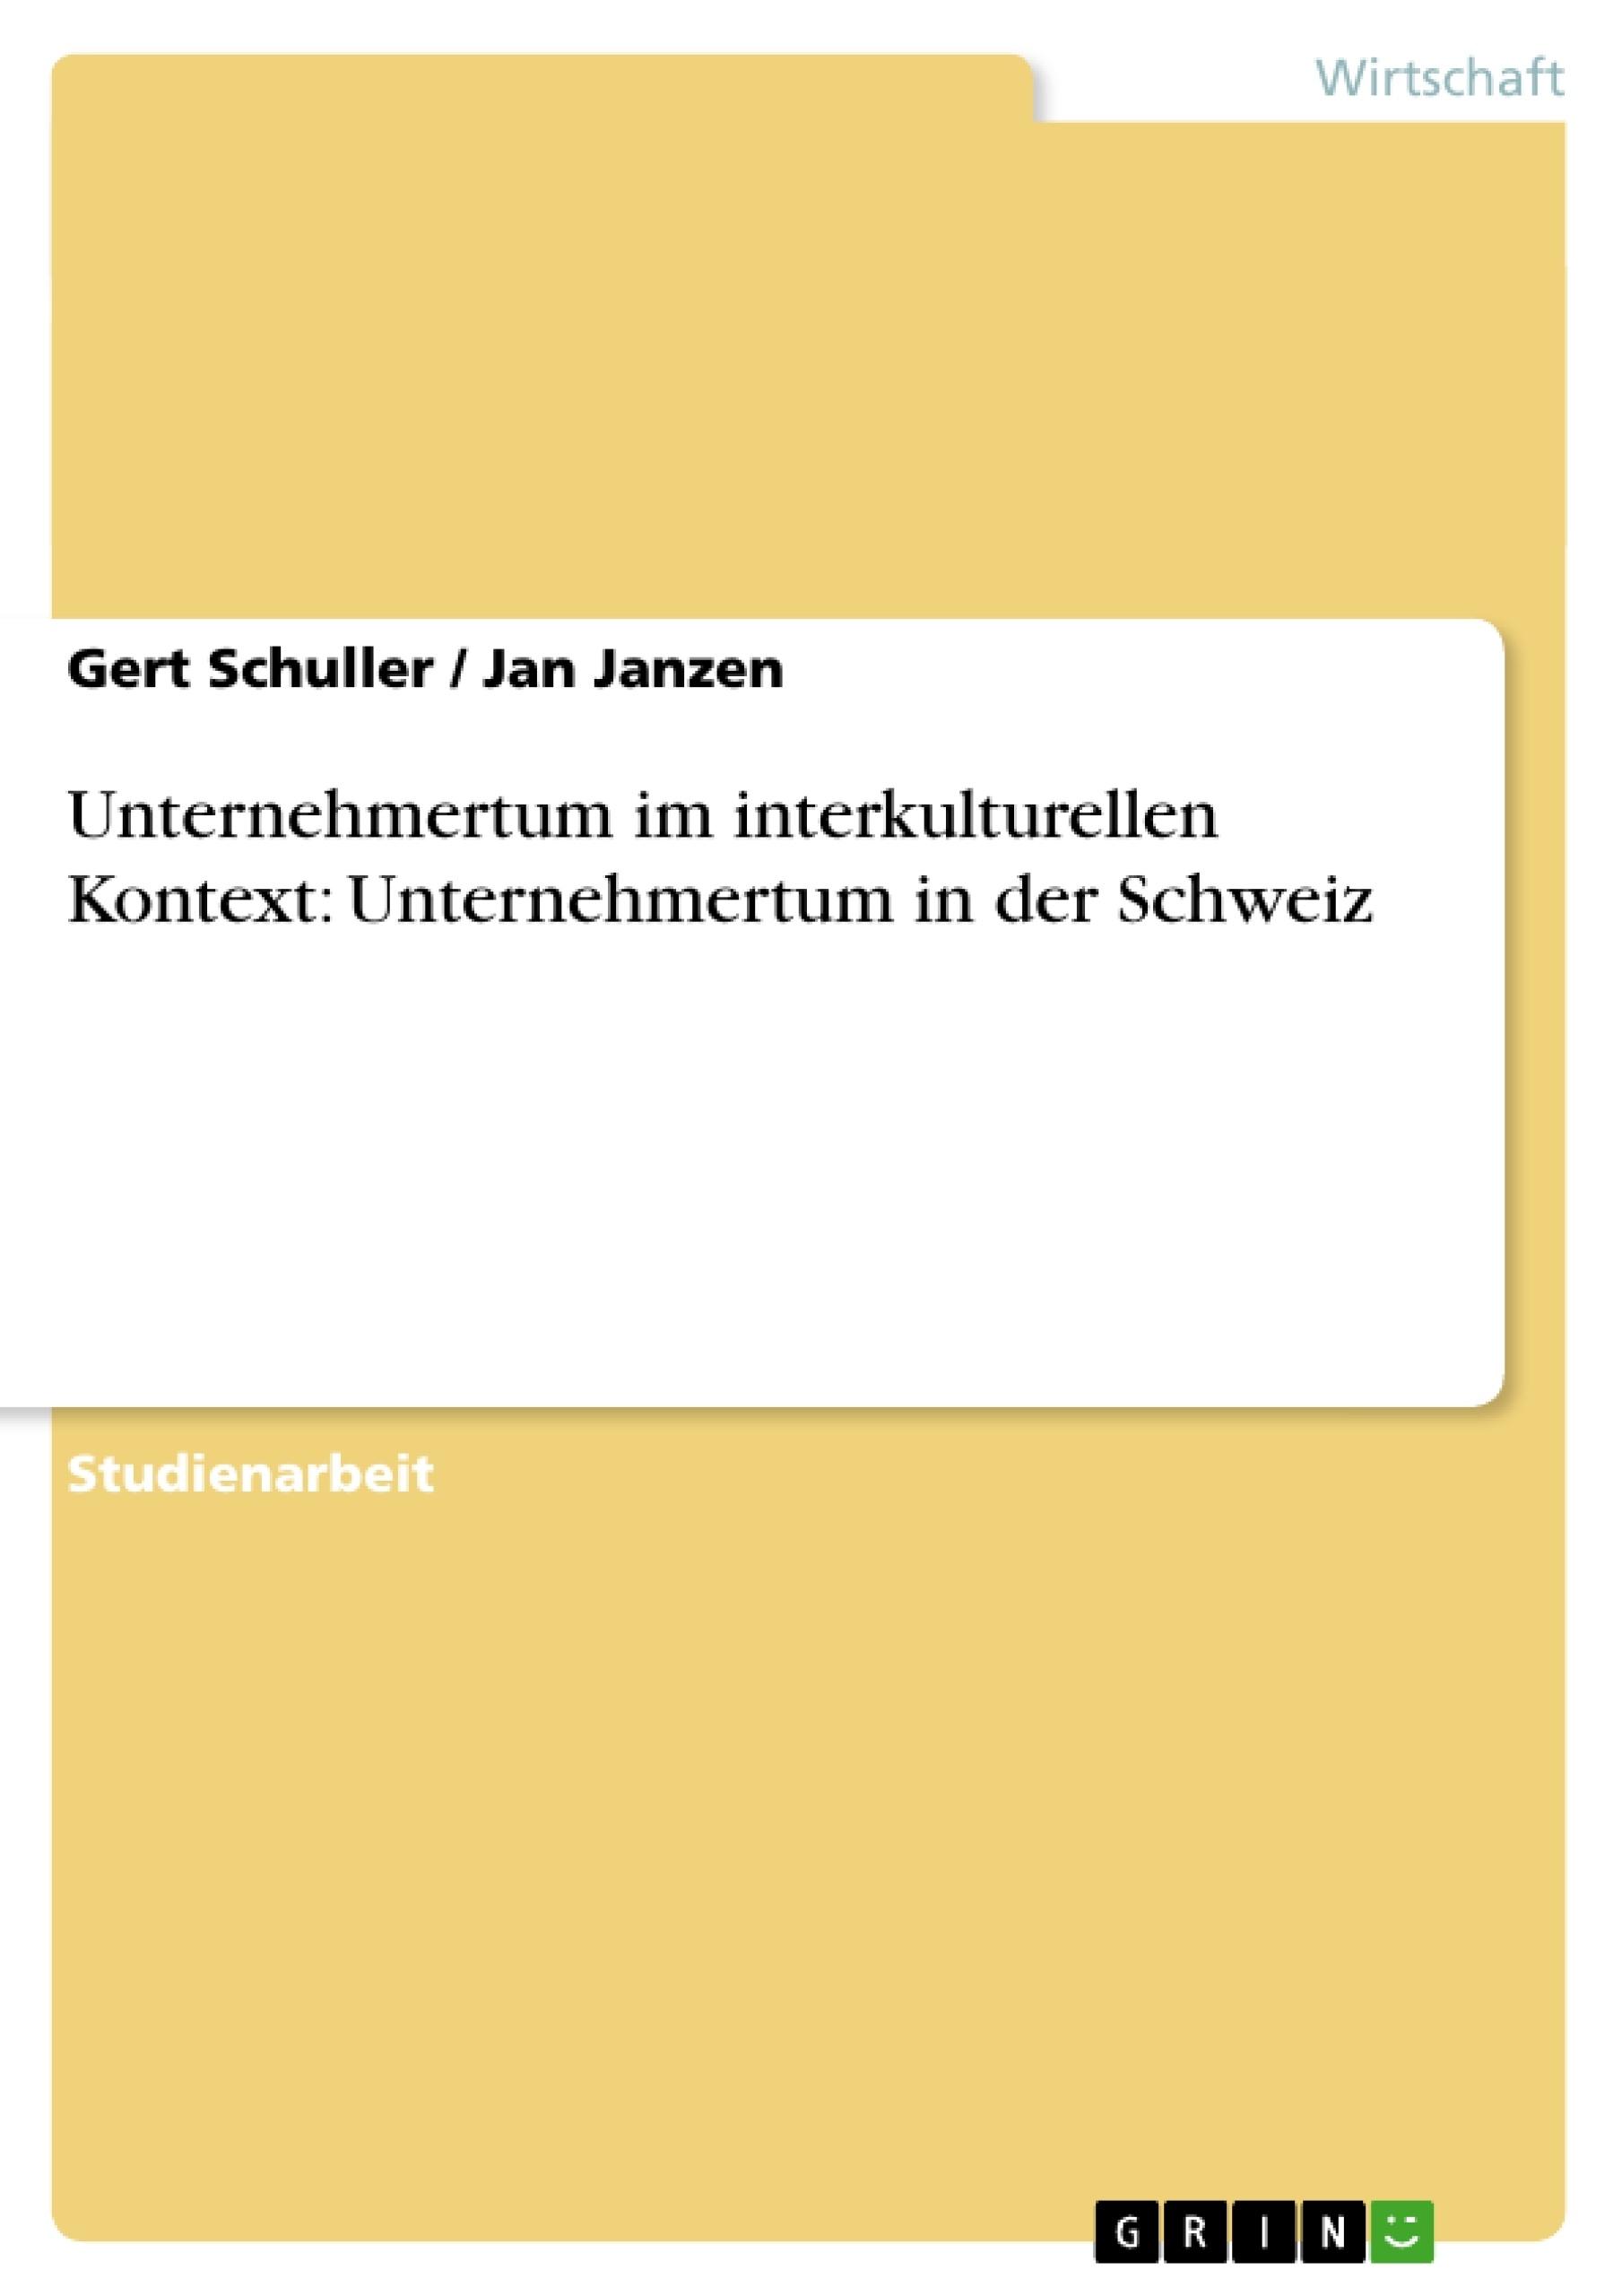 Titel: Unternehmertum im interkulturellen Kontext: Unternehmertum in der Schweiz